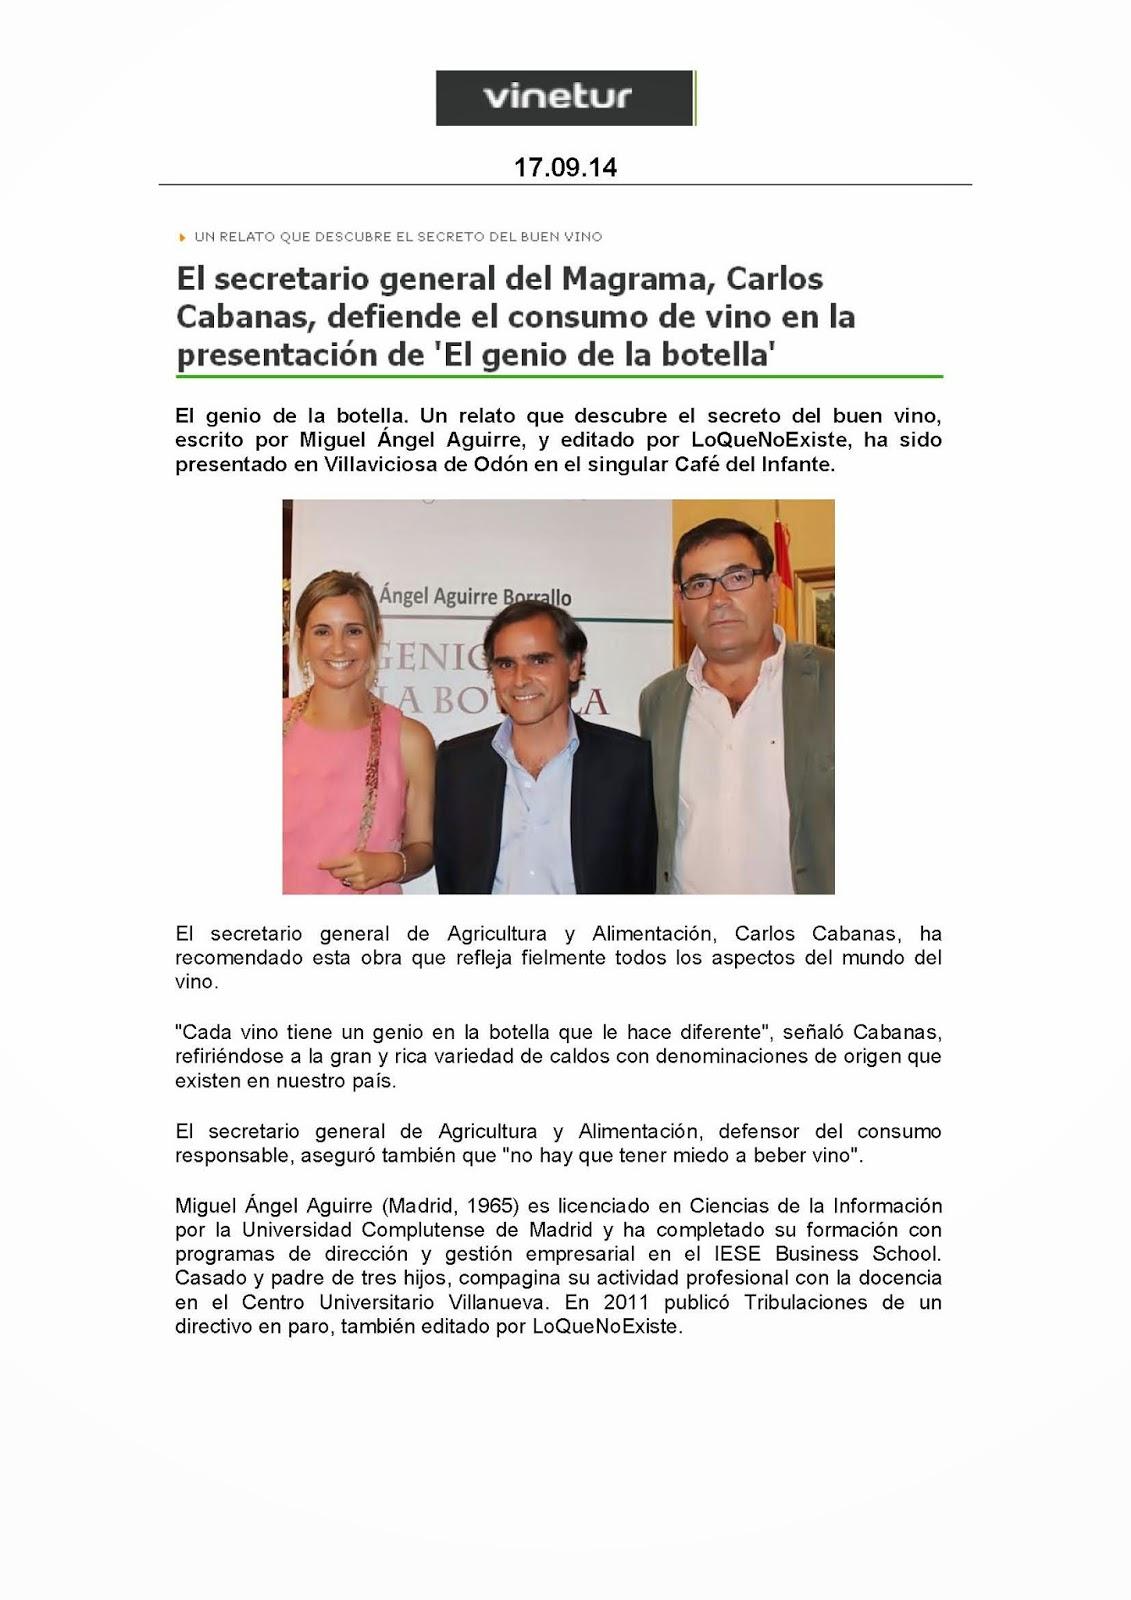 https://www.vinetur.com/2014091516726/el-secretario-general-del-magrama-carlos-cabanas-defiende-el-consumo-de-vino-en-la-presentacion-de-el-genio-de-la-botella.html